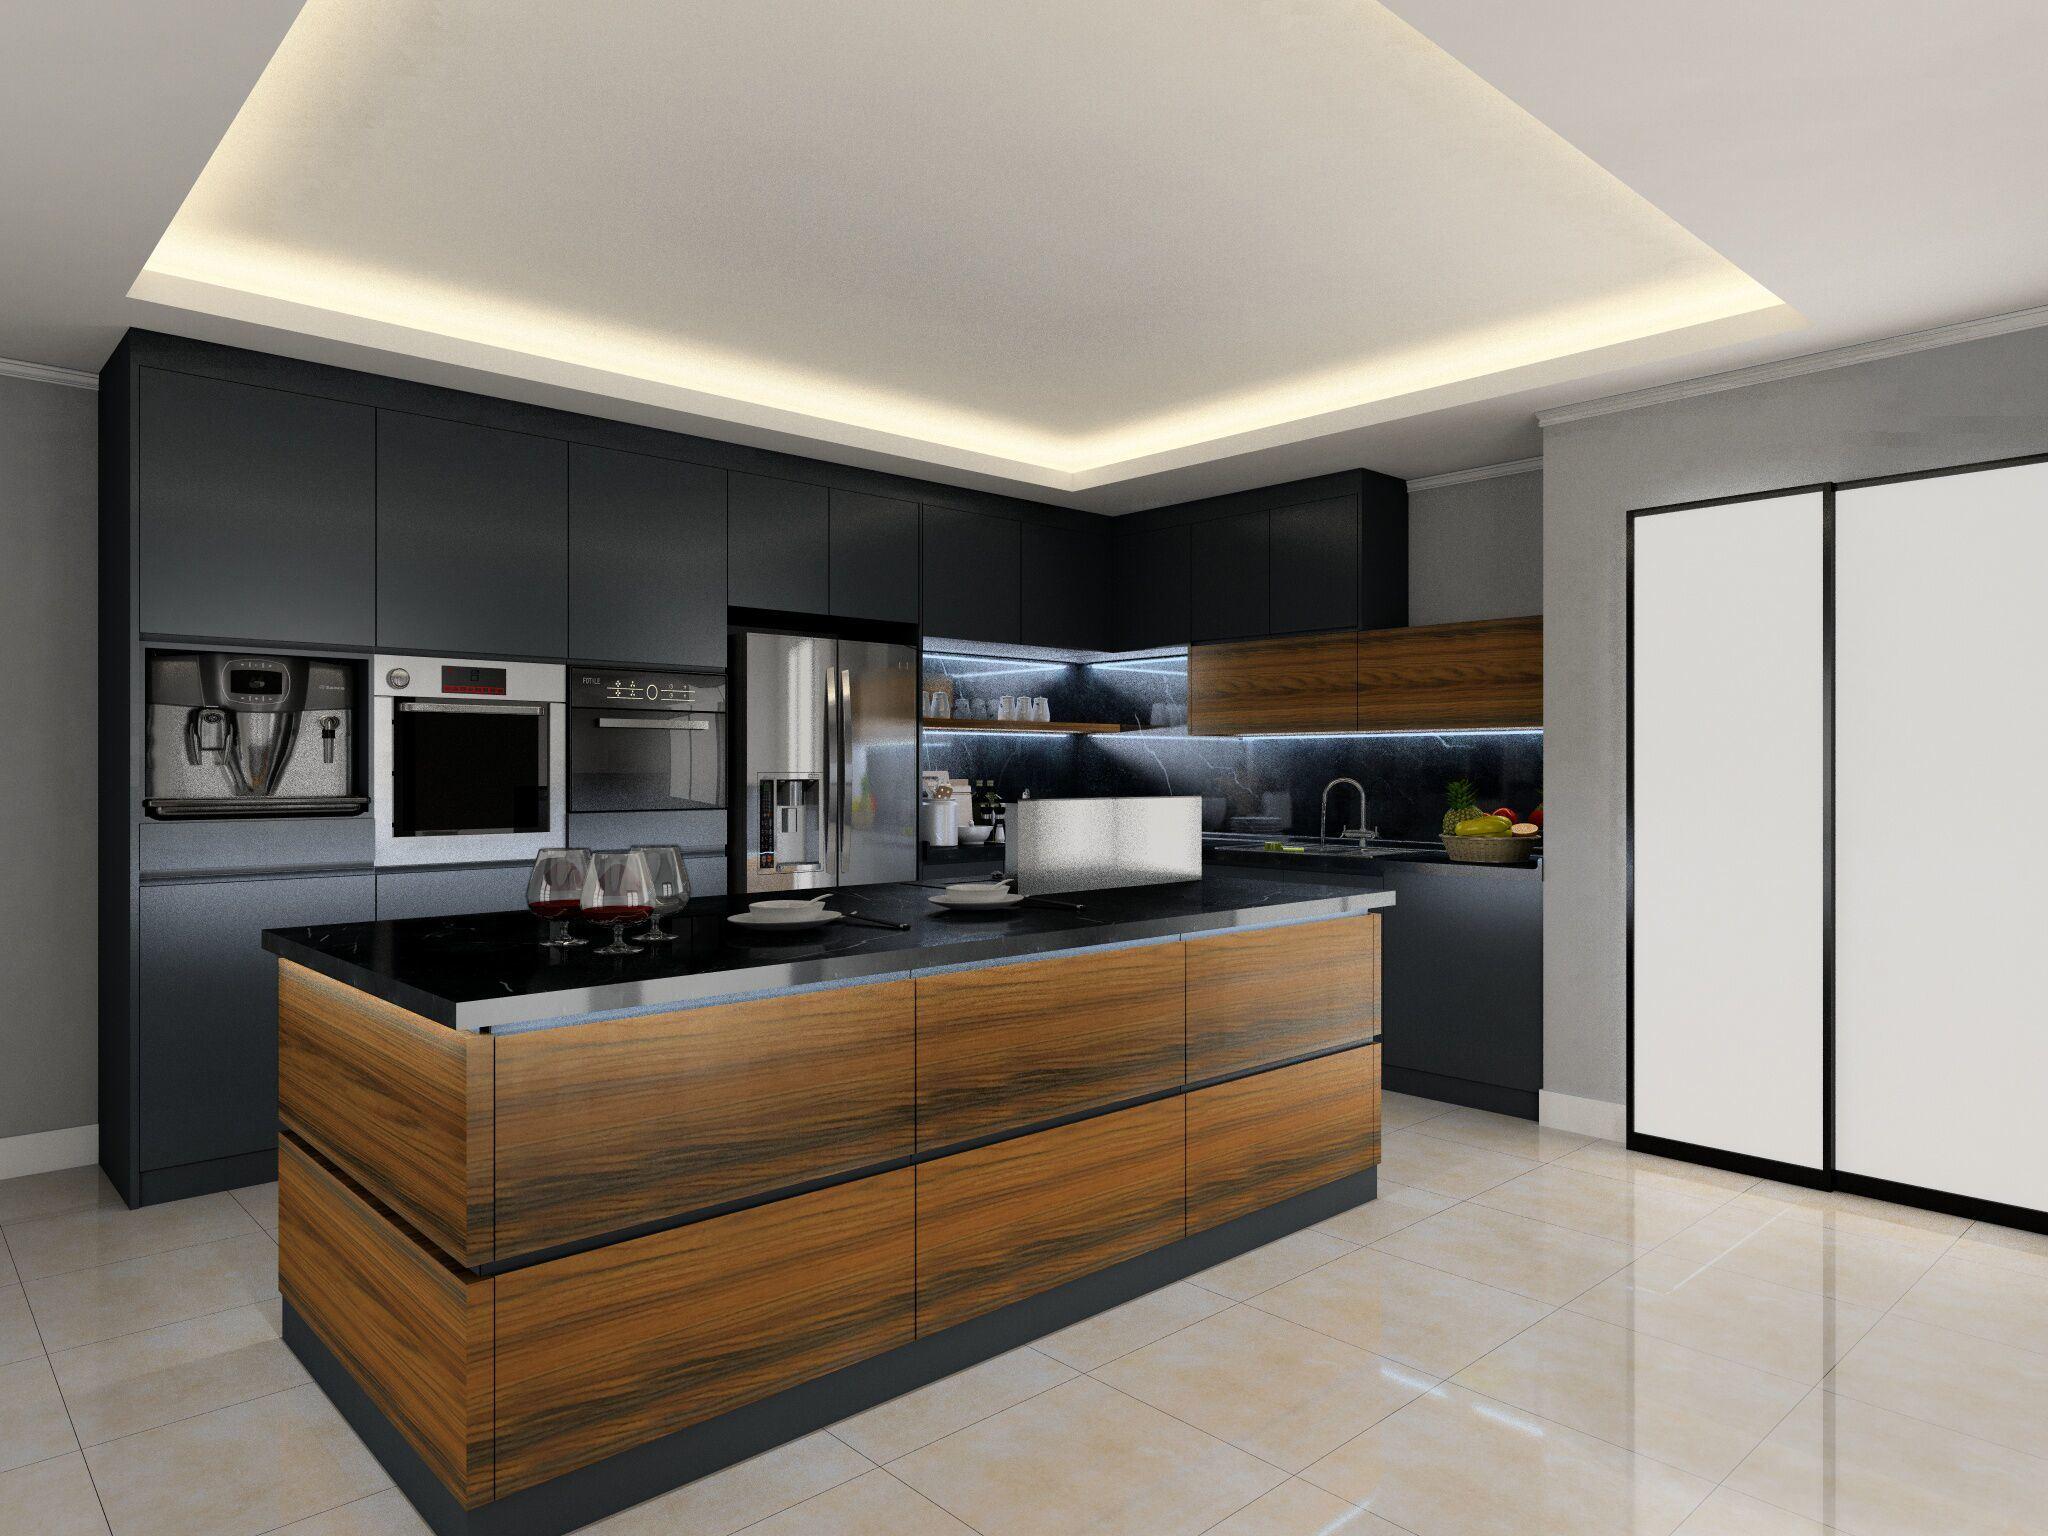 Foto de Muebles de cocina de moderno diseño en color gris mezcla de ...